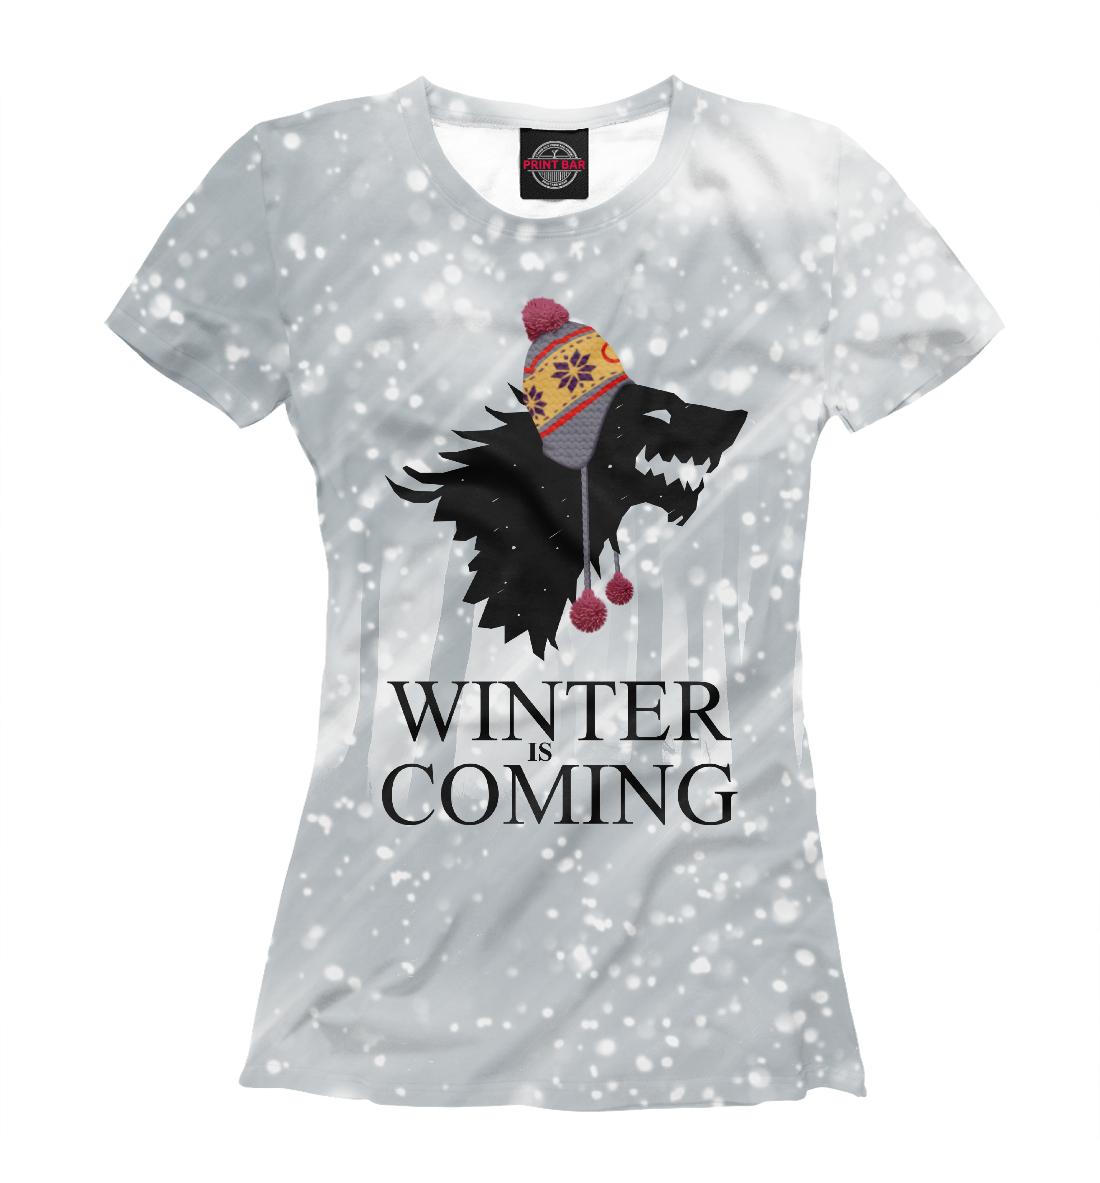 Купить Зима близко, Printbar, Футболки, IGR-323519-fut-1